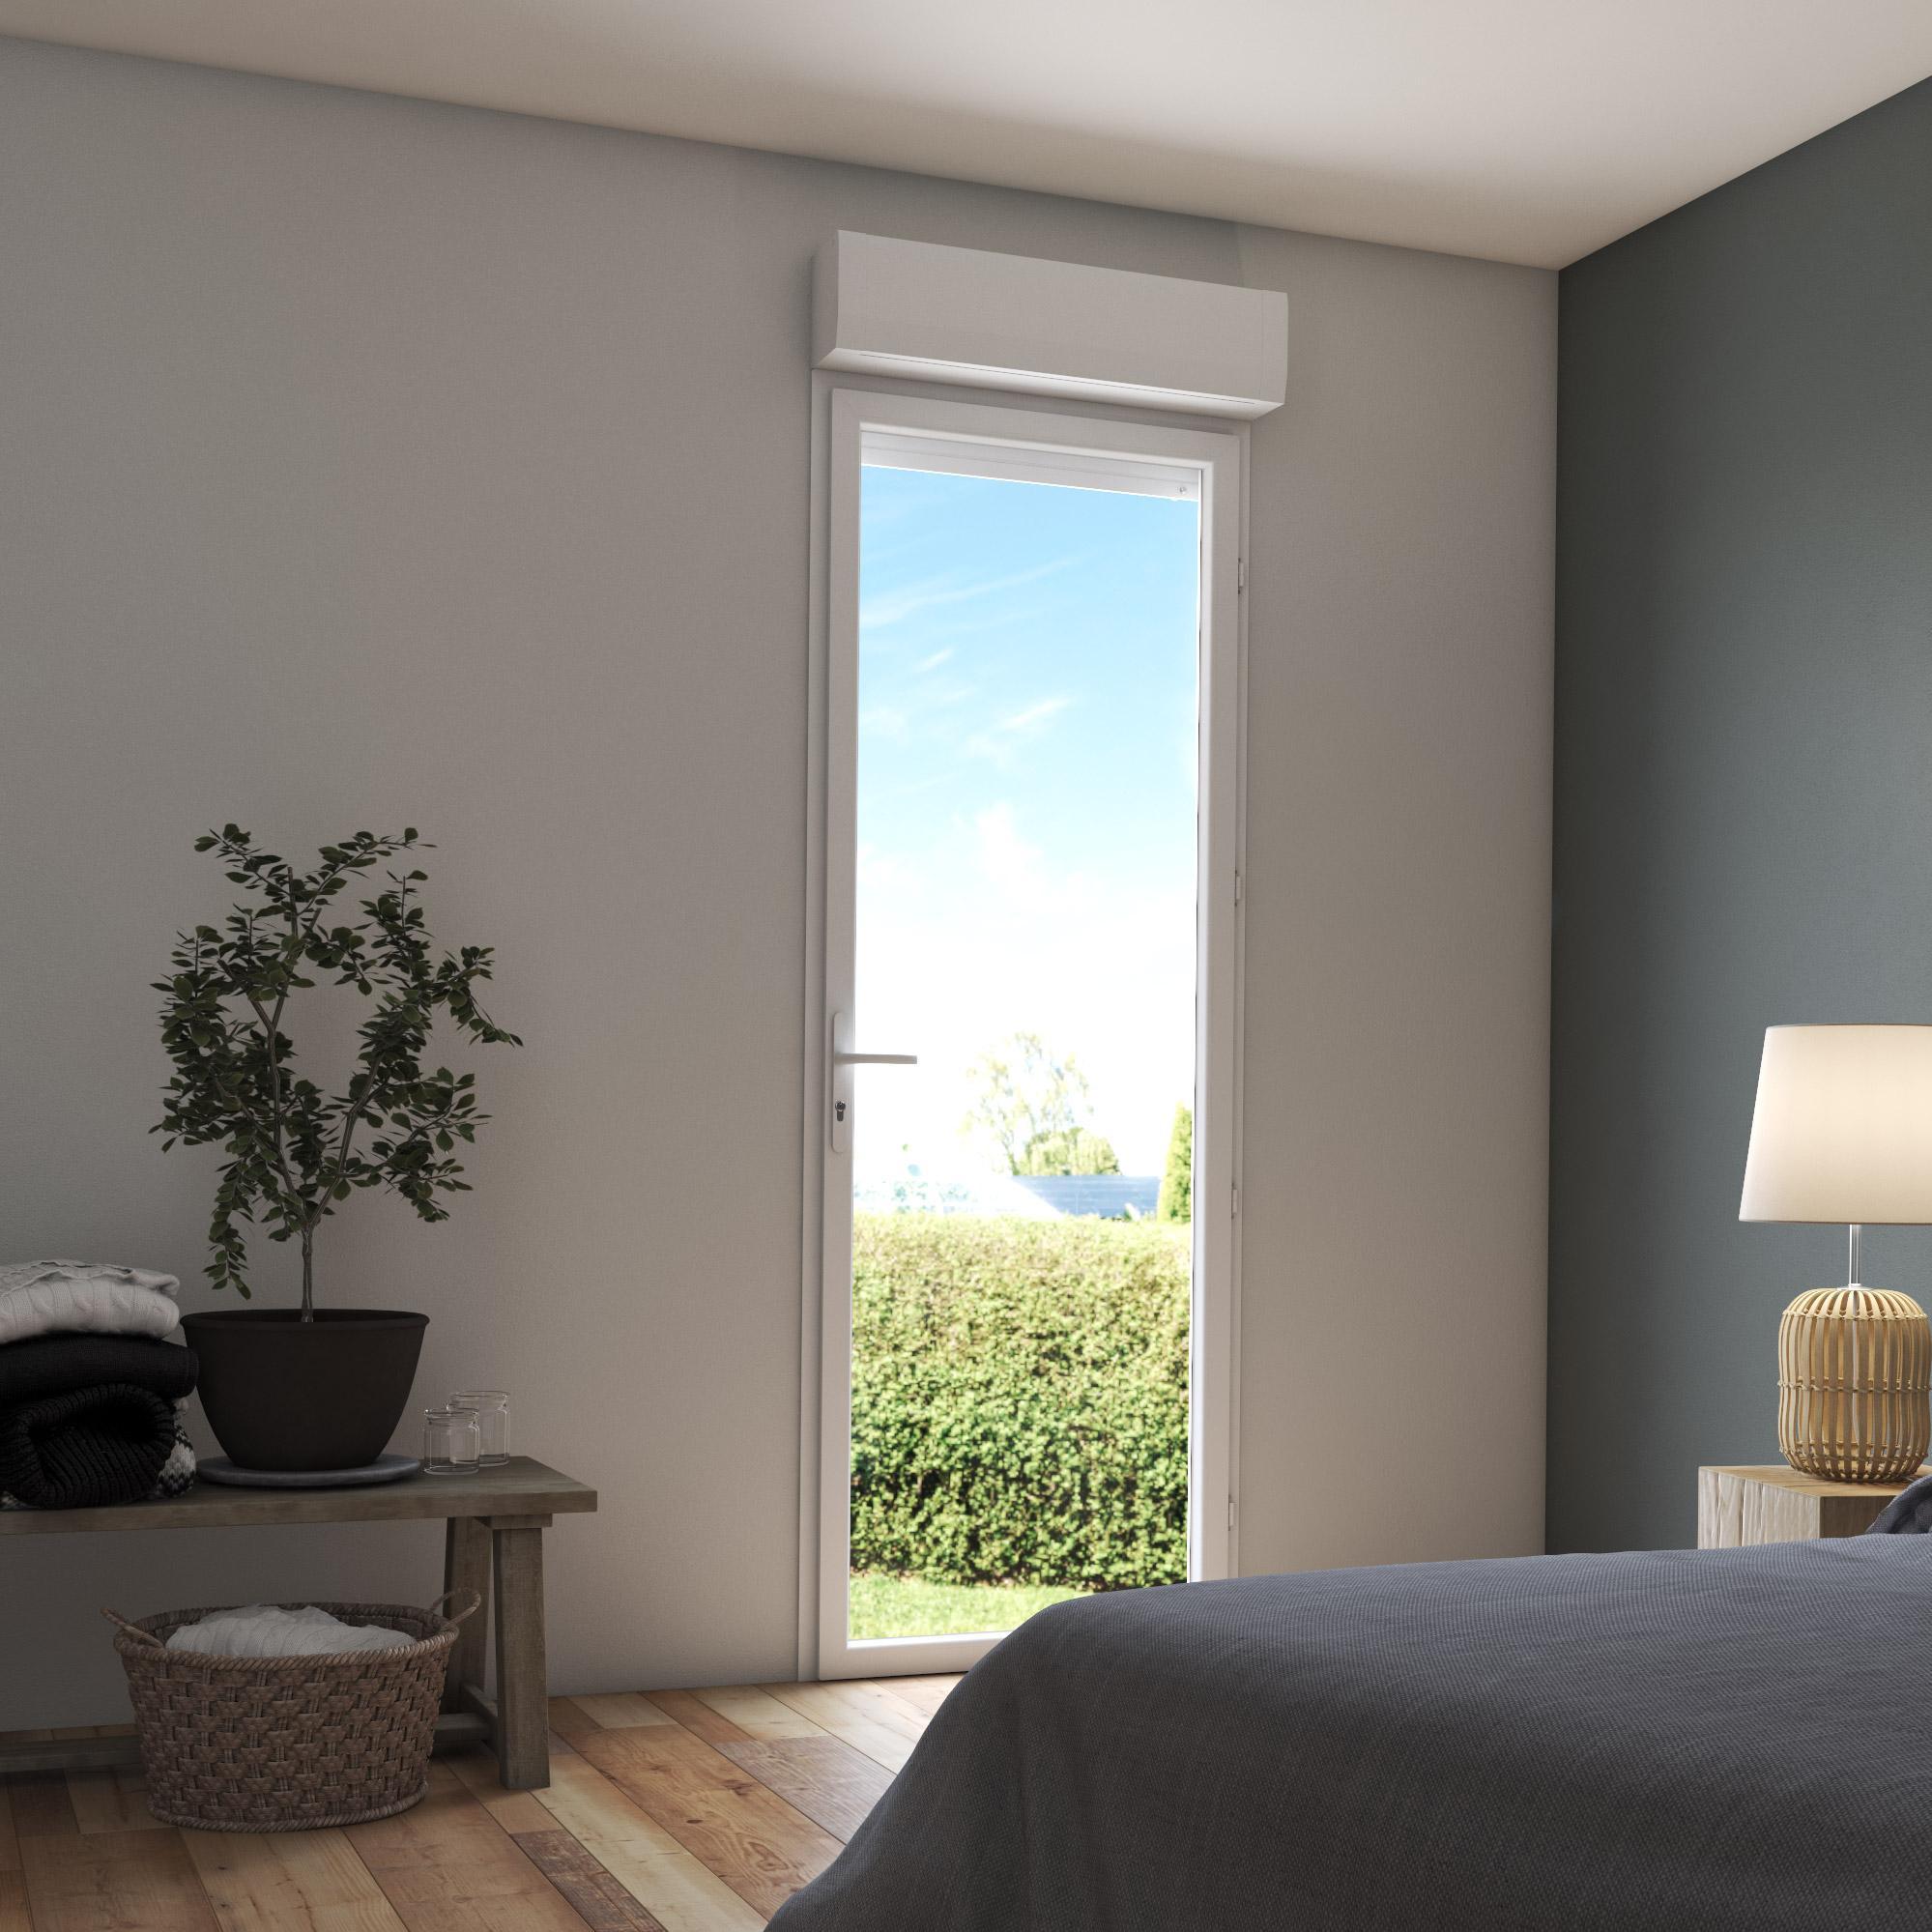 Porte-fenêtre PVC avec volet roulant H.215 x l.80 cm blanc, 1 vantail tirant d. | Leroy Merlin